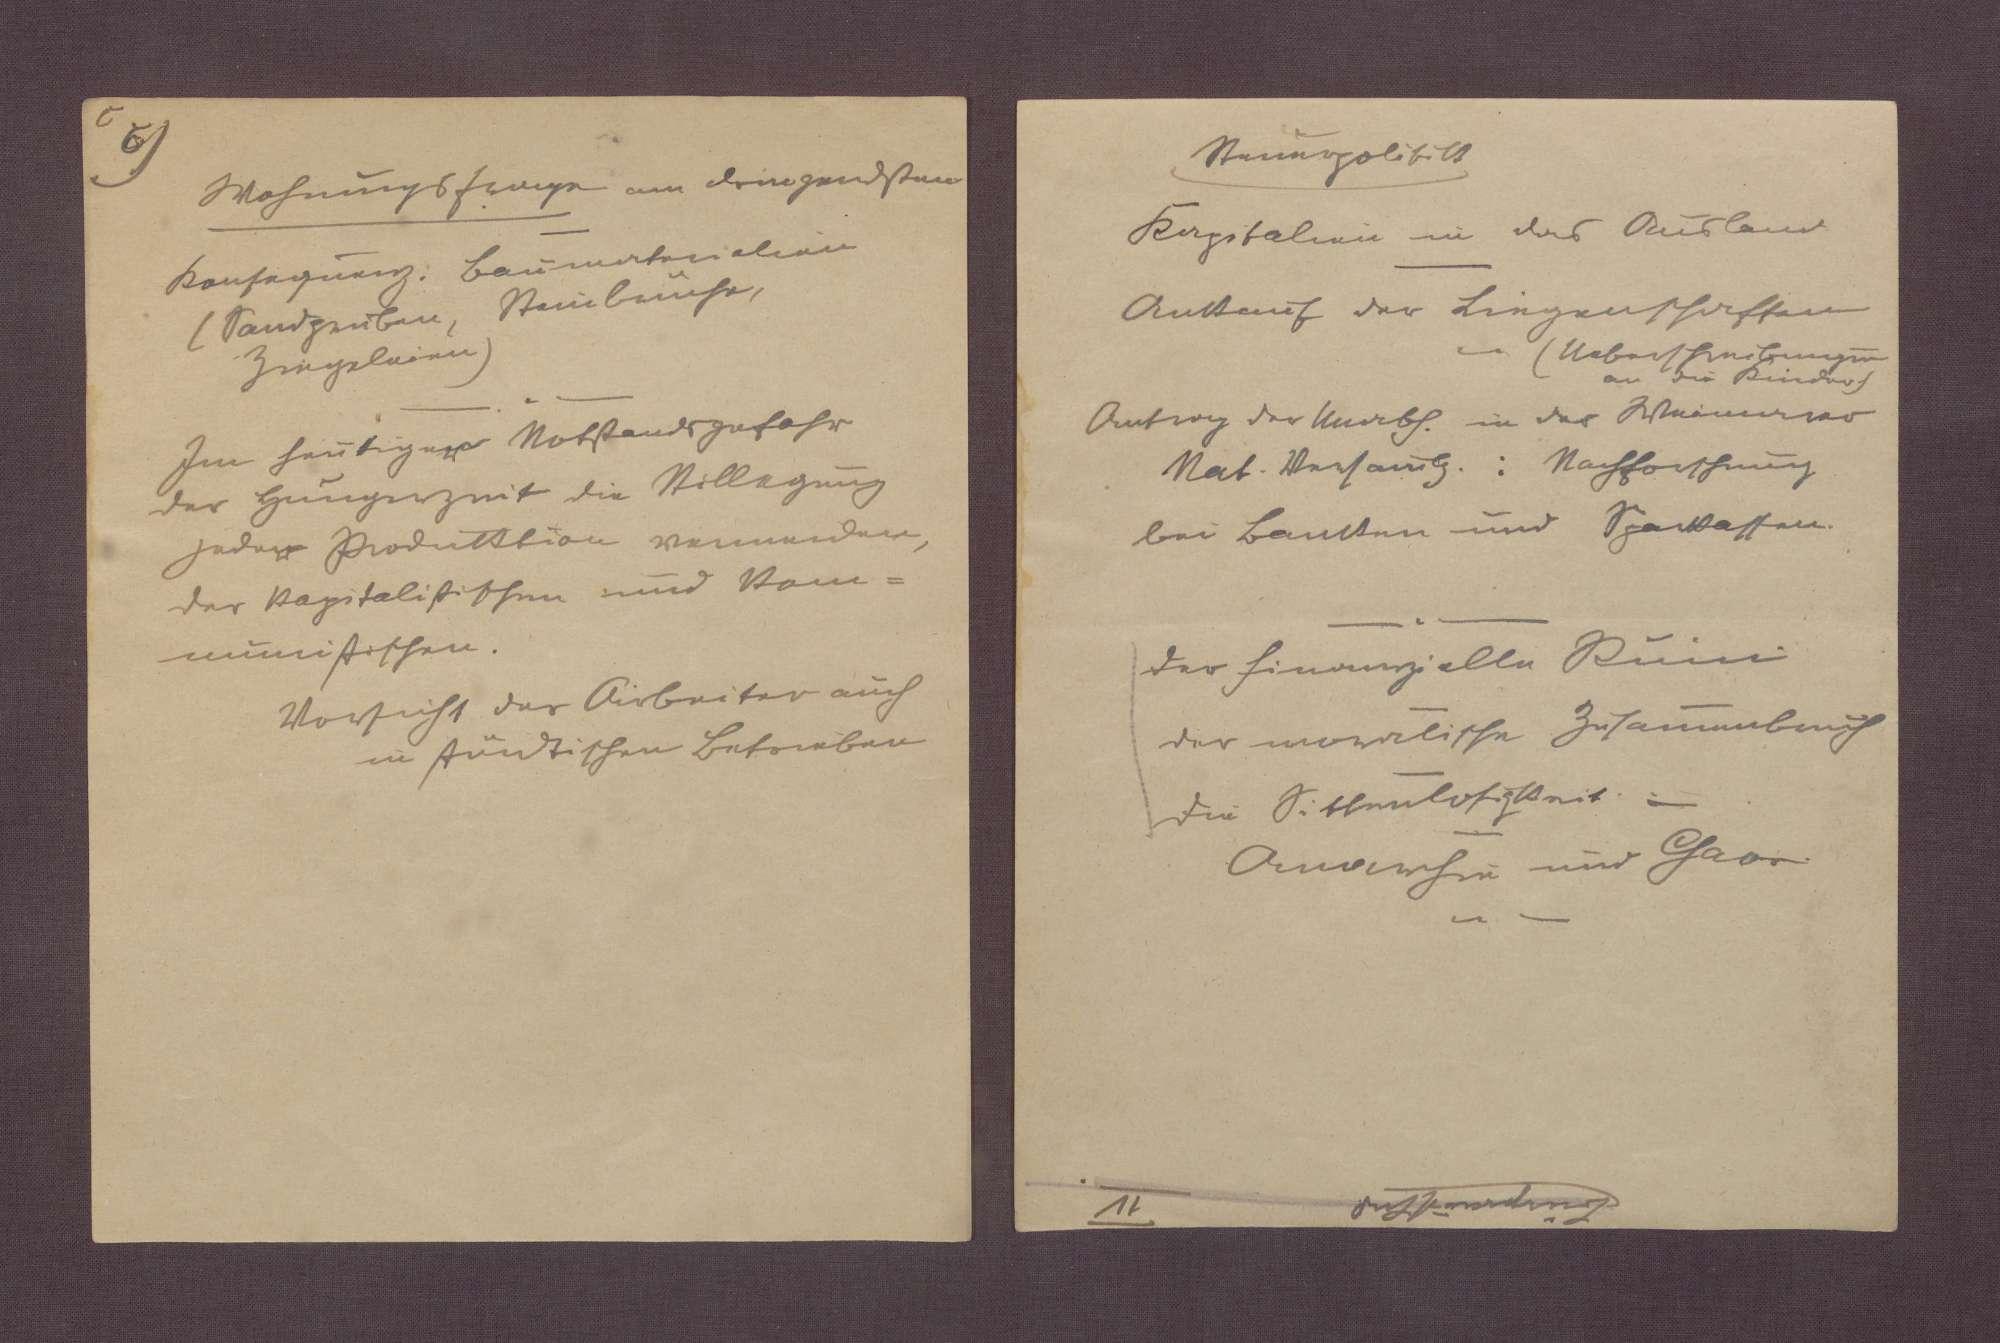 Manuskript: Die Aufgaben der Sozialdemokratie in der Gemeinde, Bild 3